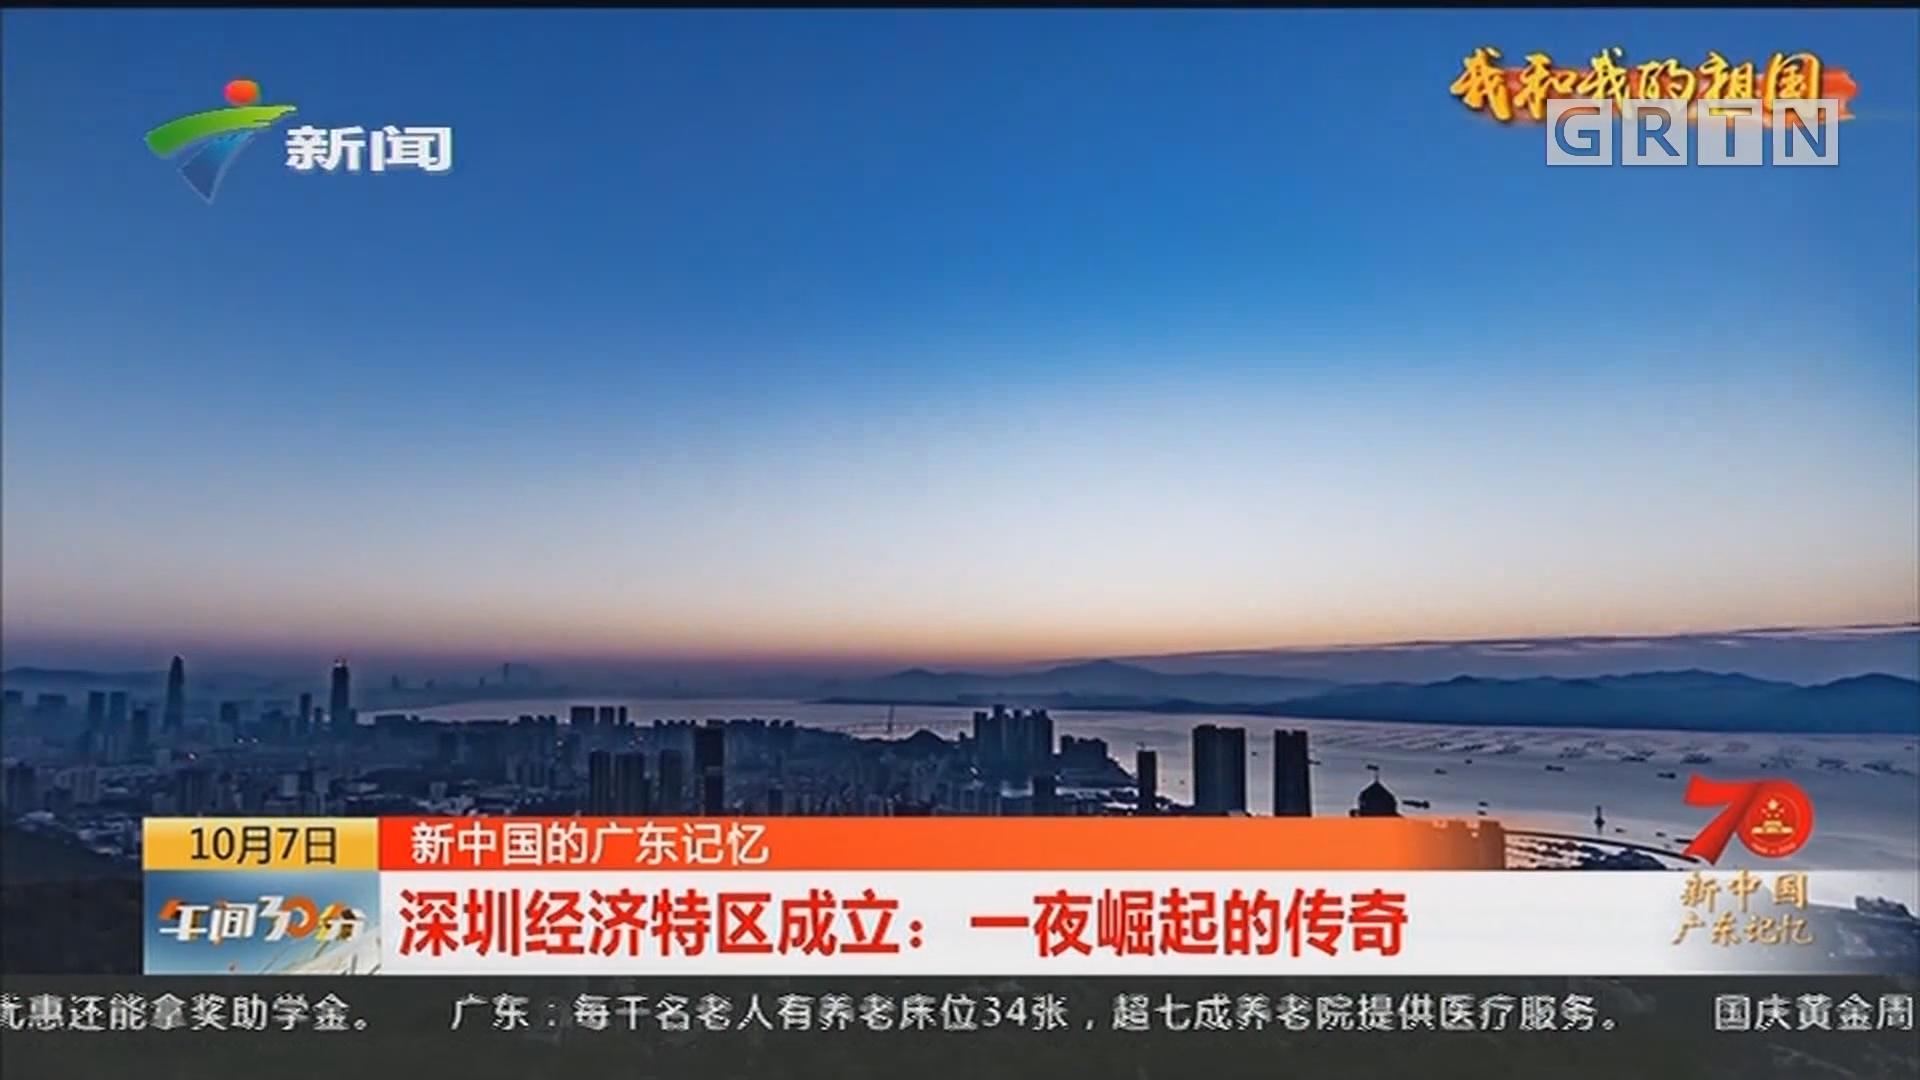 新中国的广东记忆 深圳经济特区成立:一夜崛起的传奇